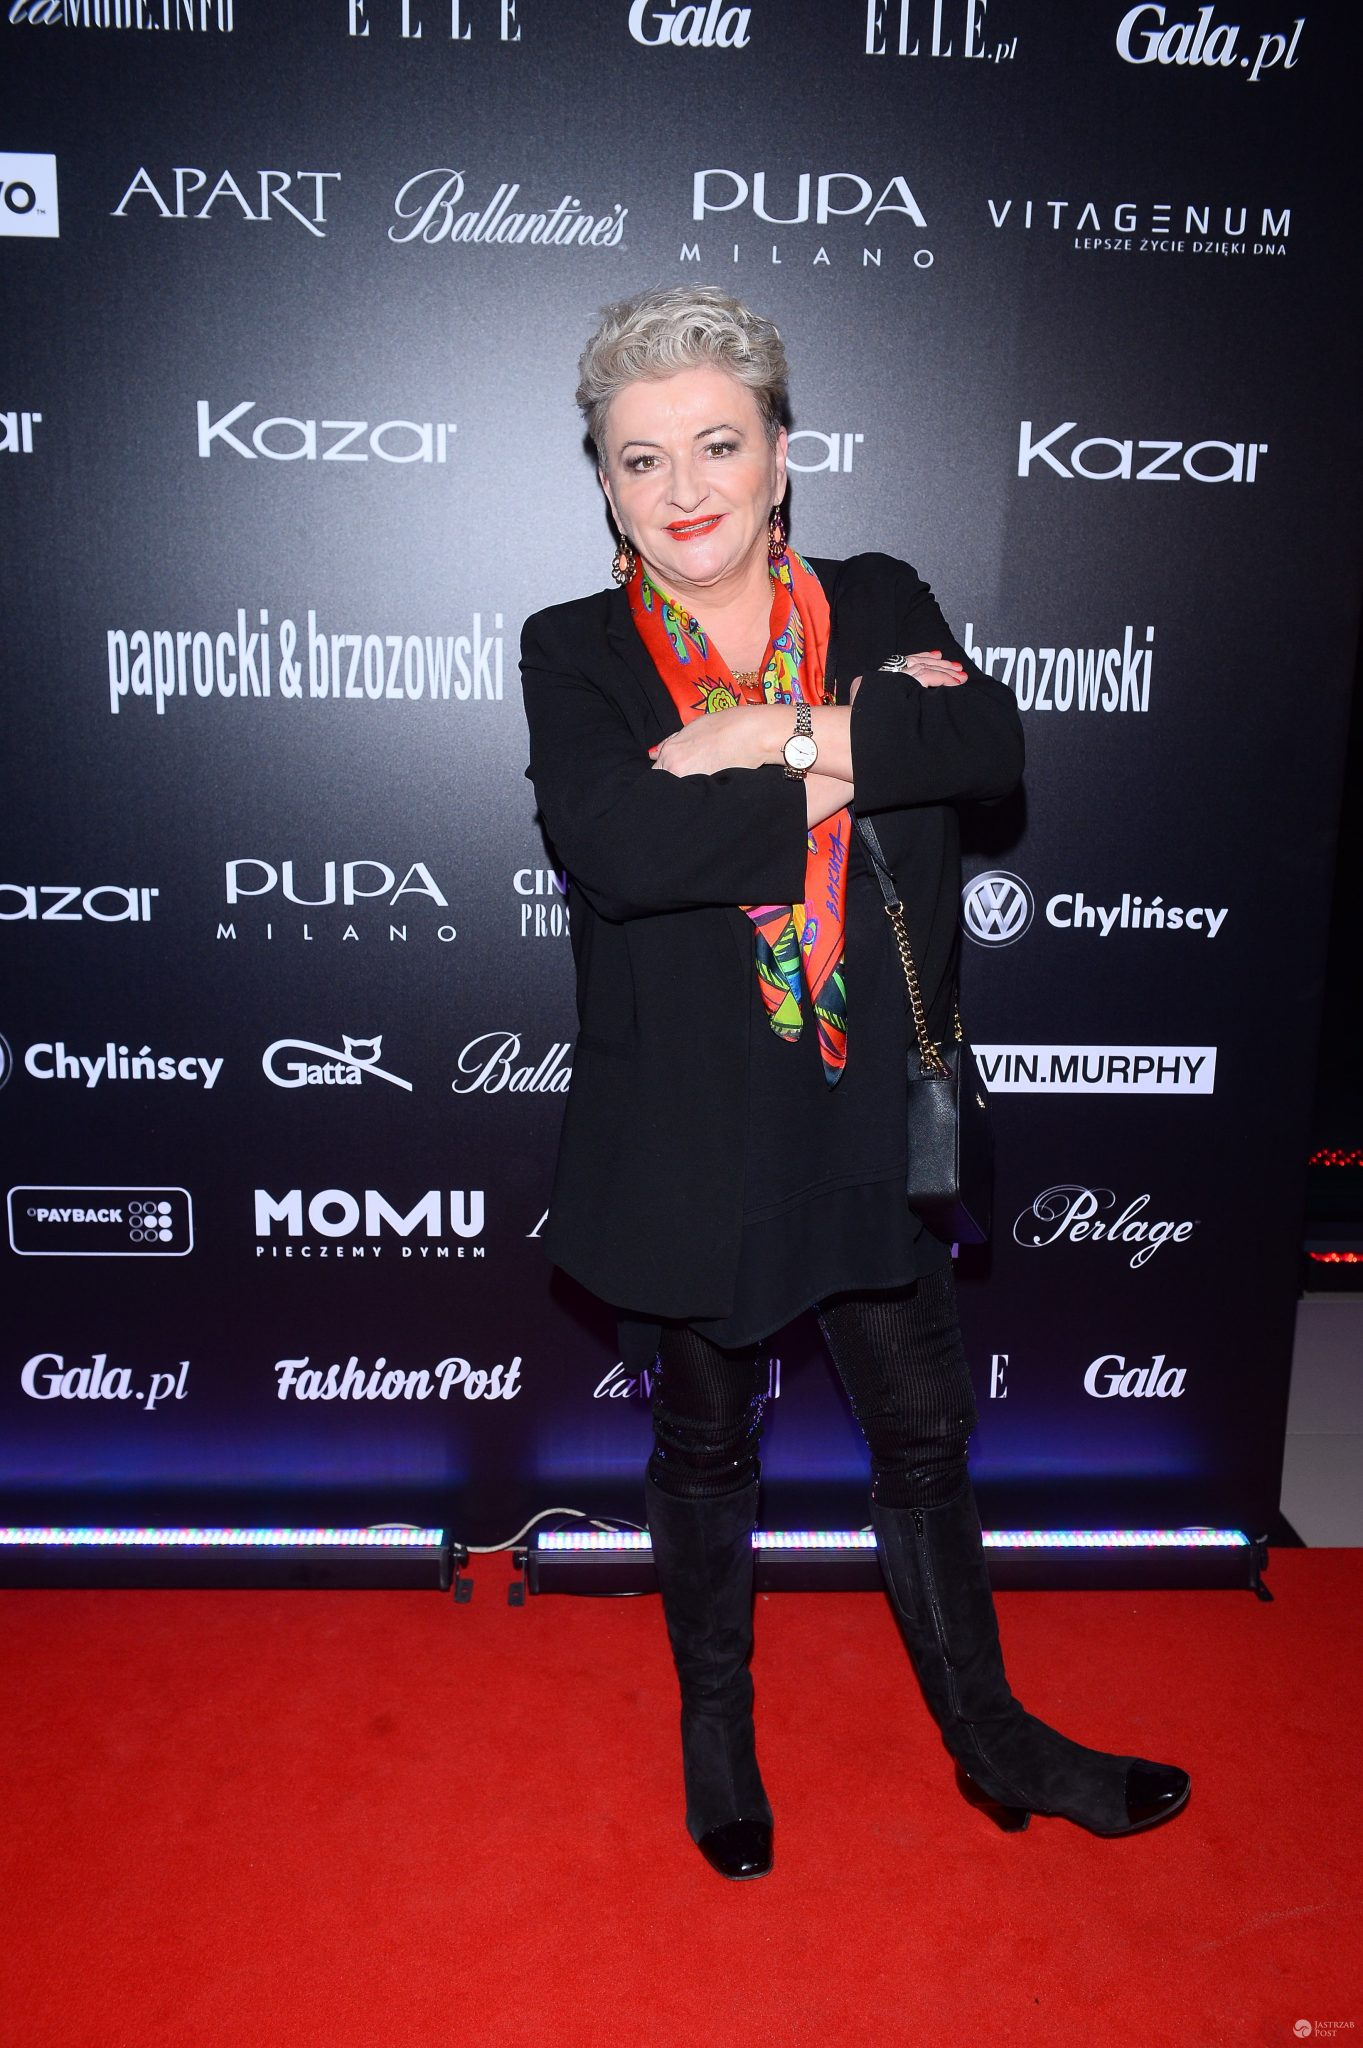 Hanna Bakuła - Pokaz Paprocki & Brzozowski i Kazar 2017